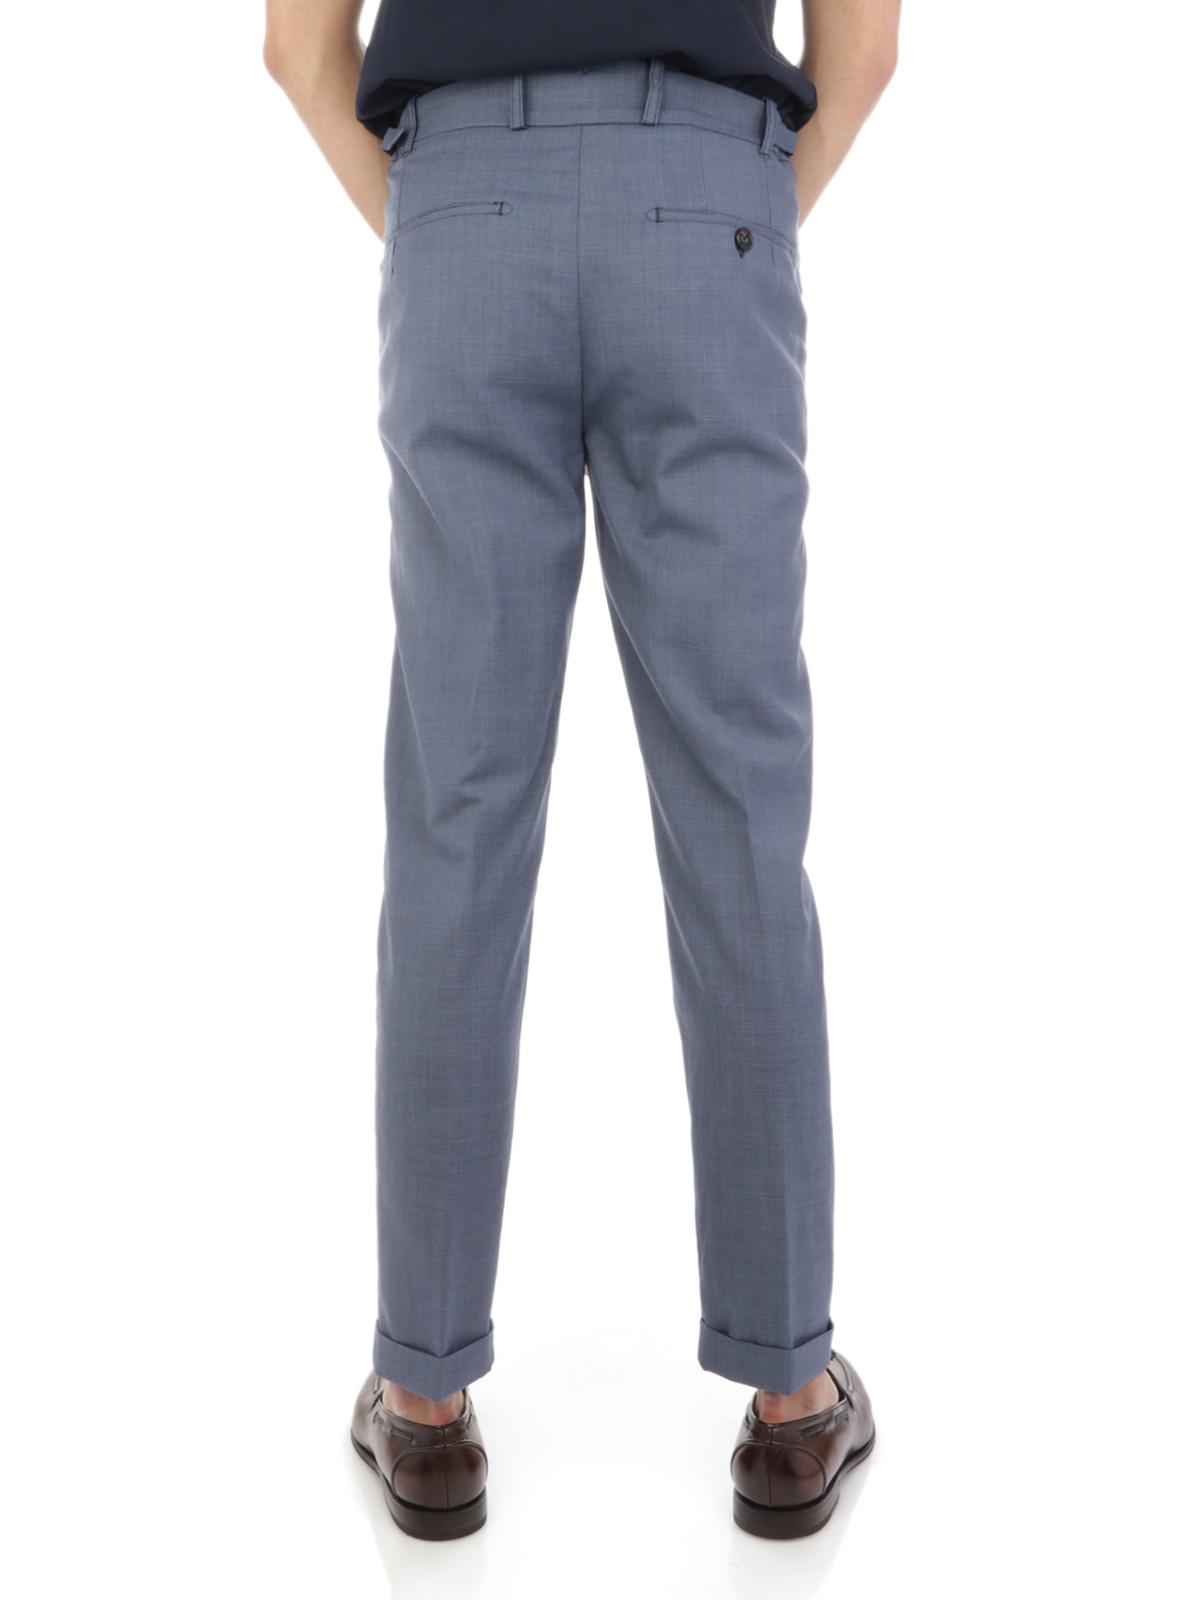 Immagine di BERWICH | Pantalone Uomo Retro in Lana